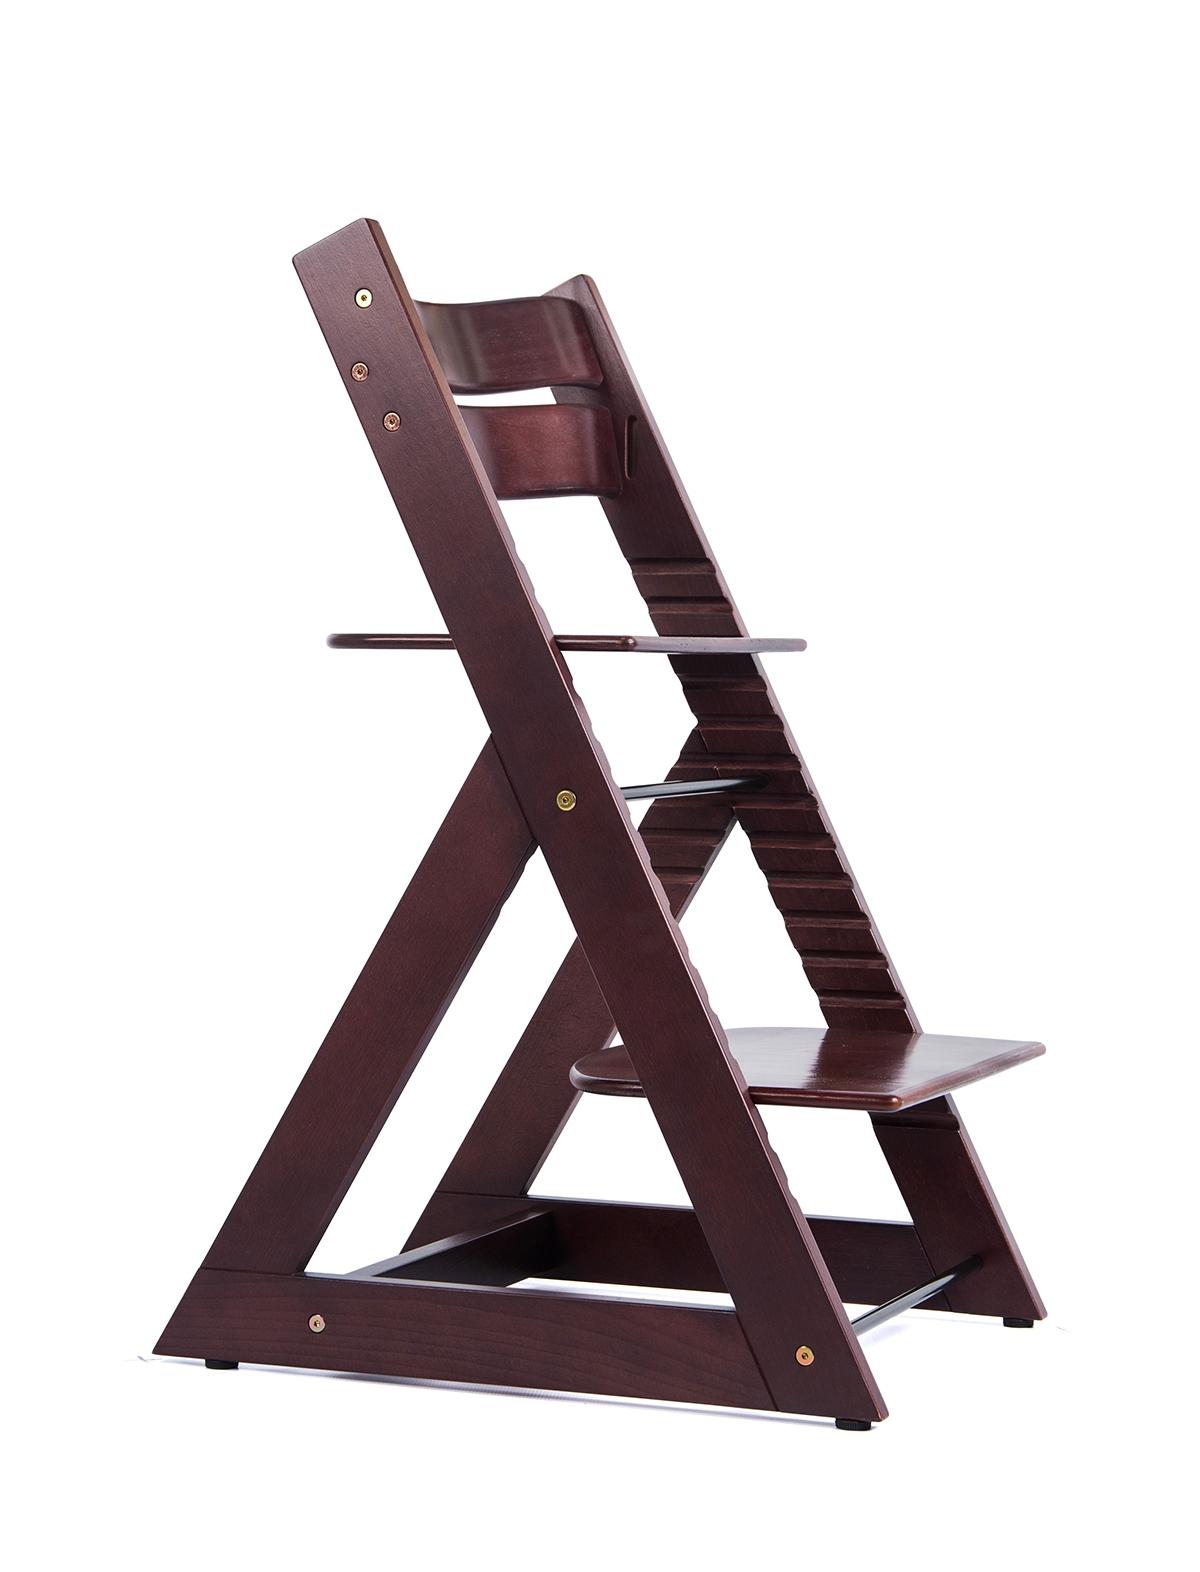 Homework Chair - Mahogany Stain